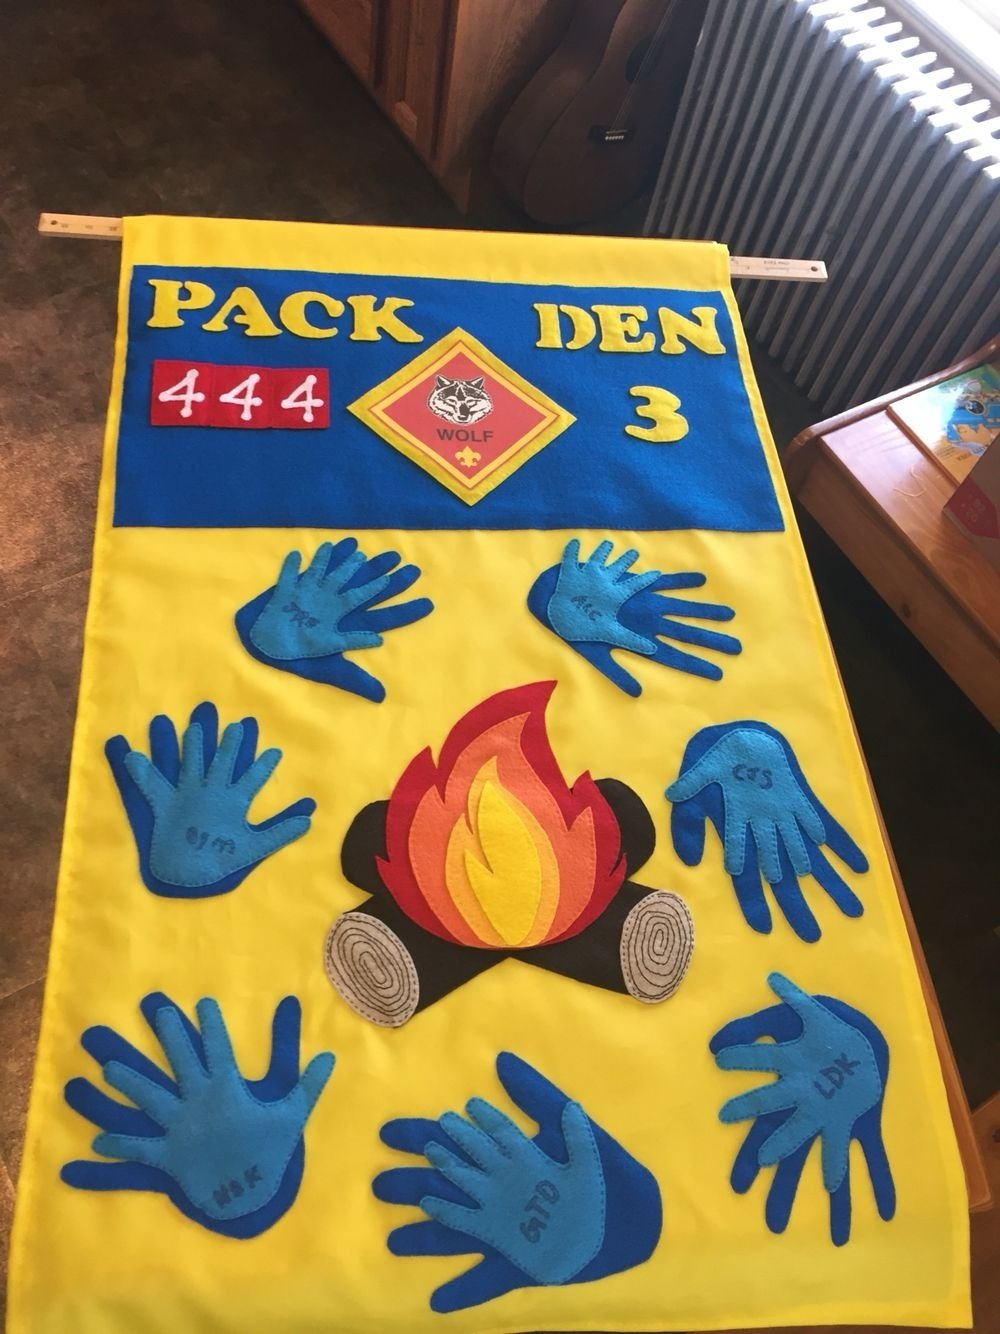 10 Pretty Cub Scout Den Flag Ideas cub scout wolf den flag parent hands under boy hand the boys 2021